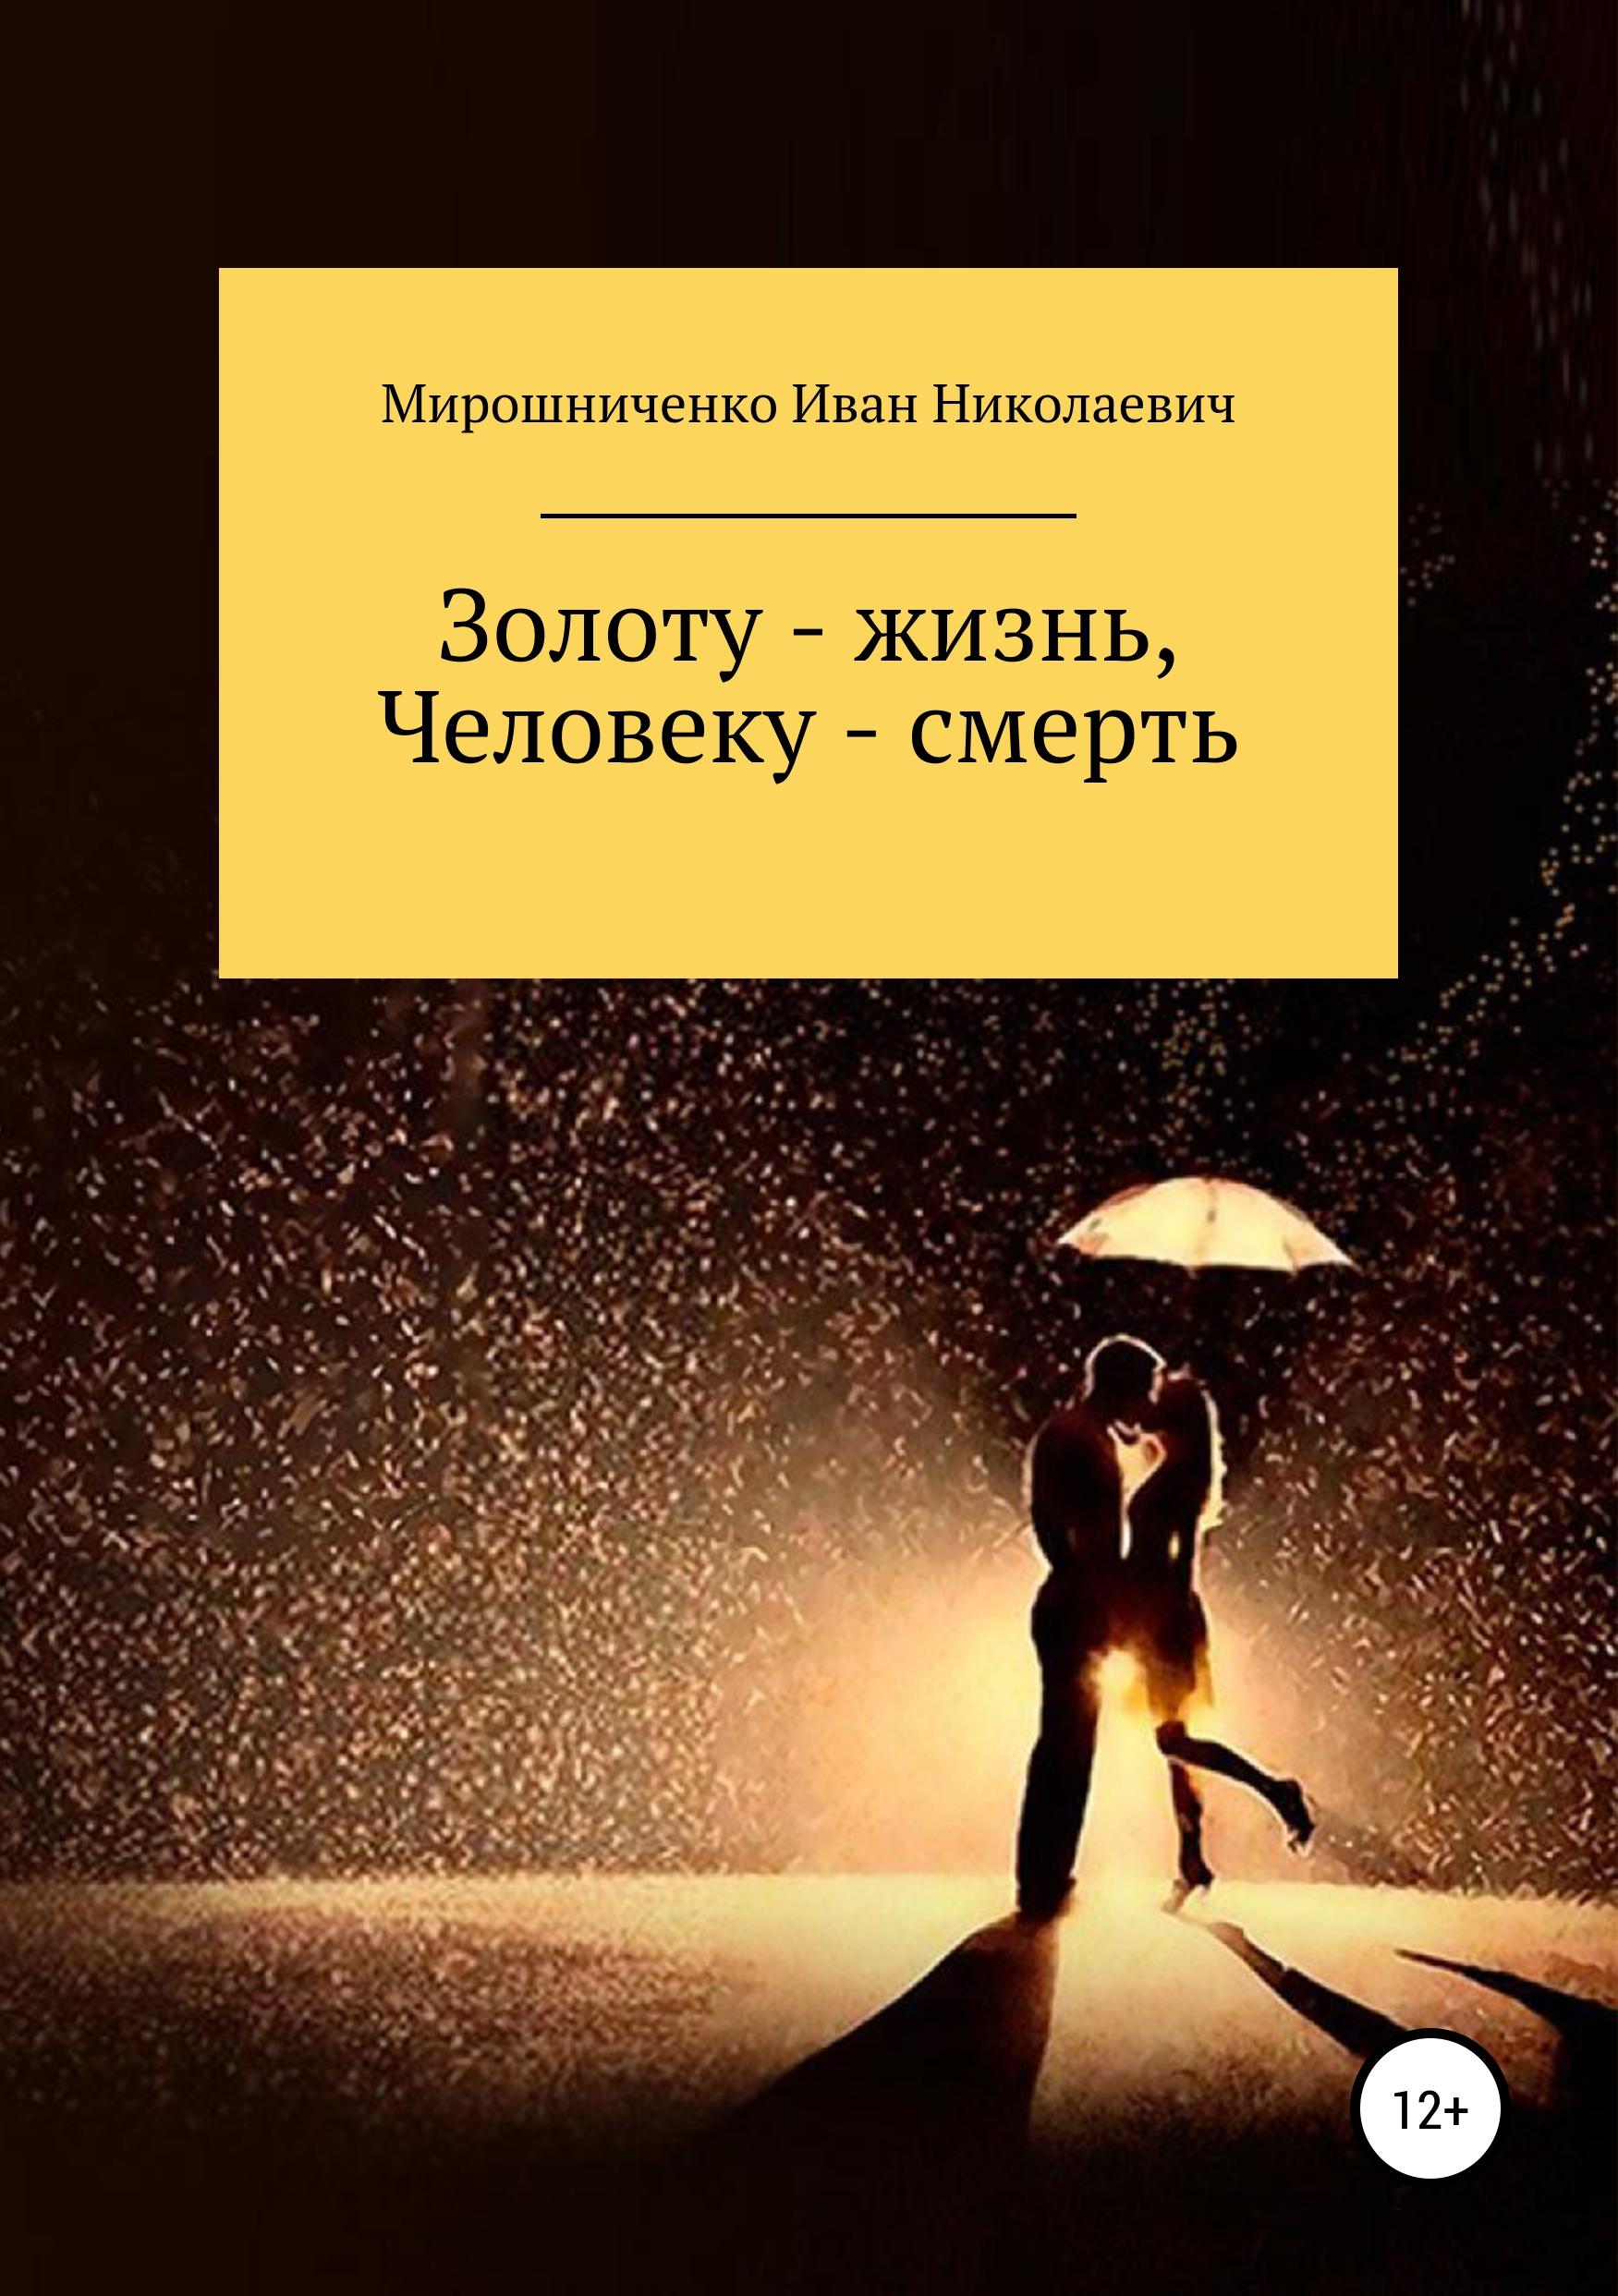 Иван Мирошниченко «Золоту – жизнь, человеку – смерть»